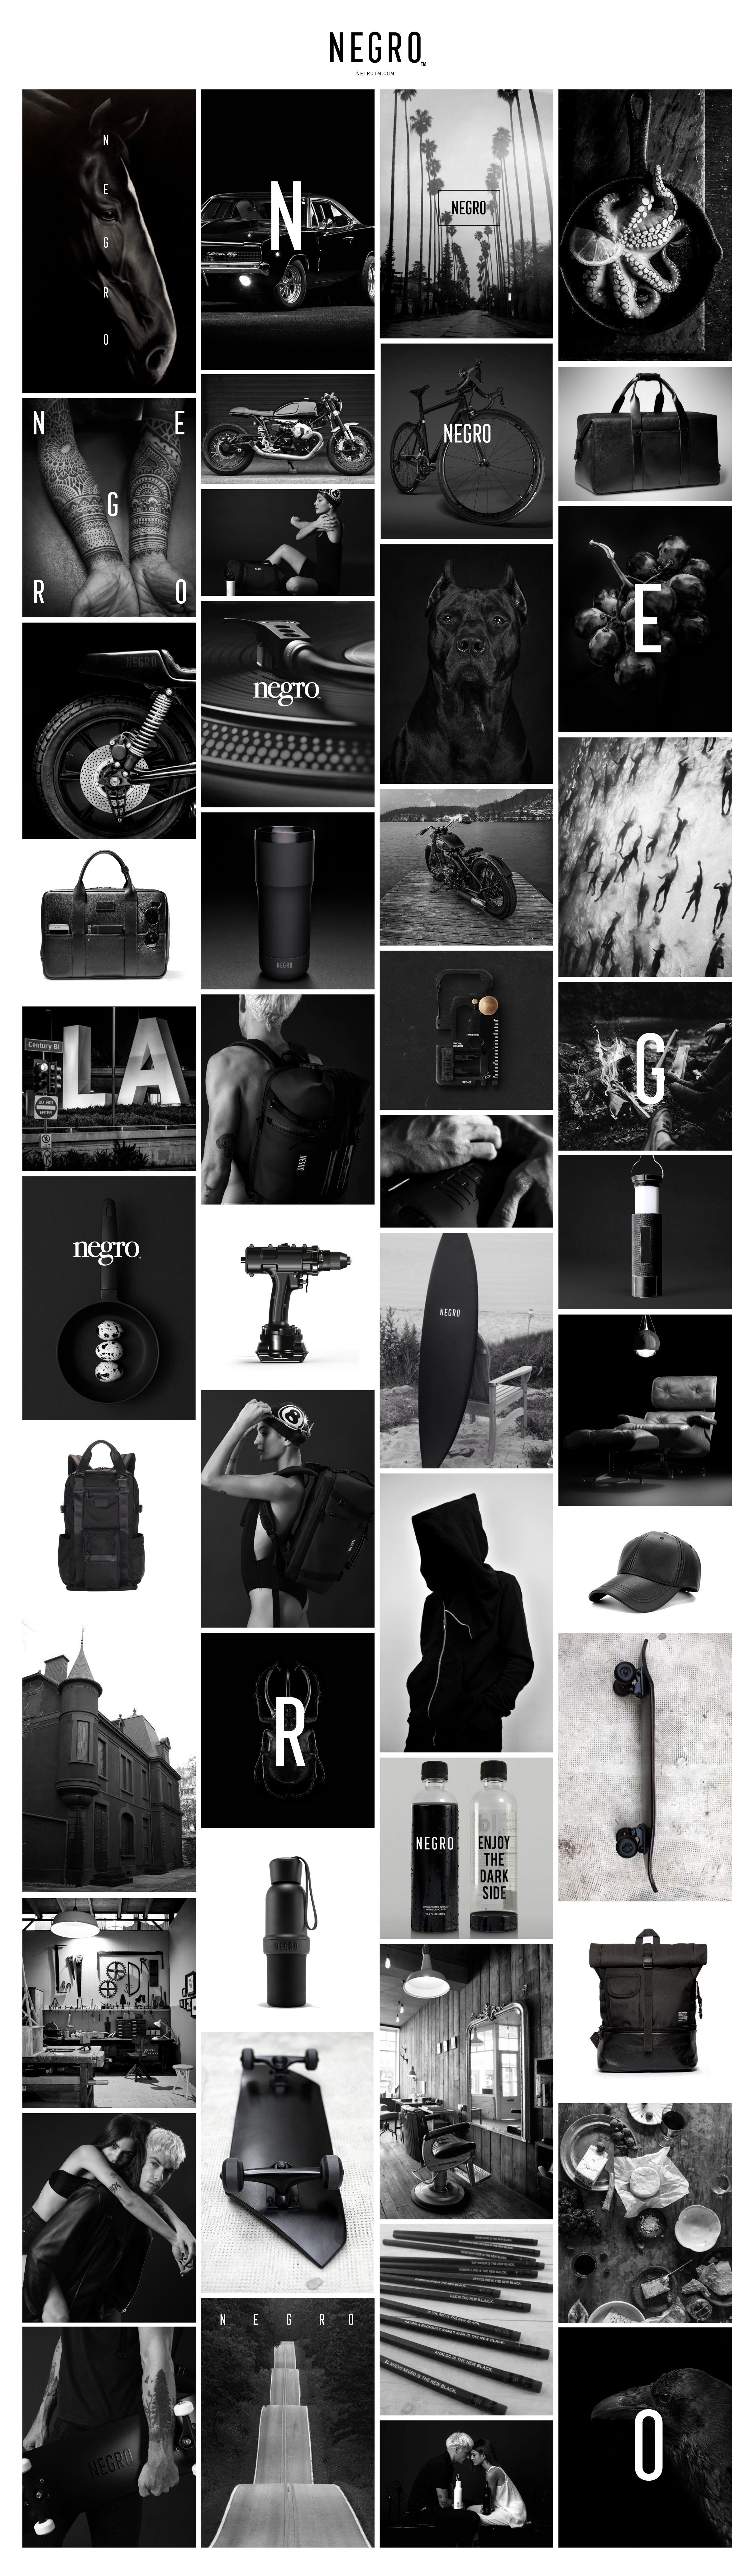 negro_brand2-02